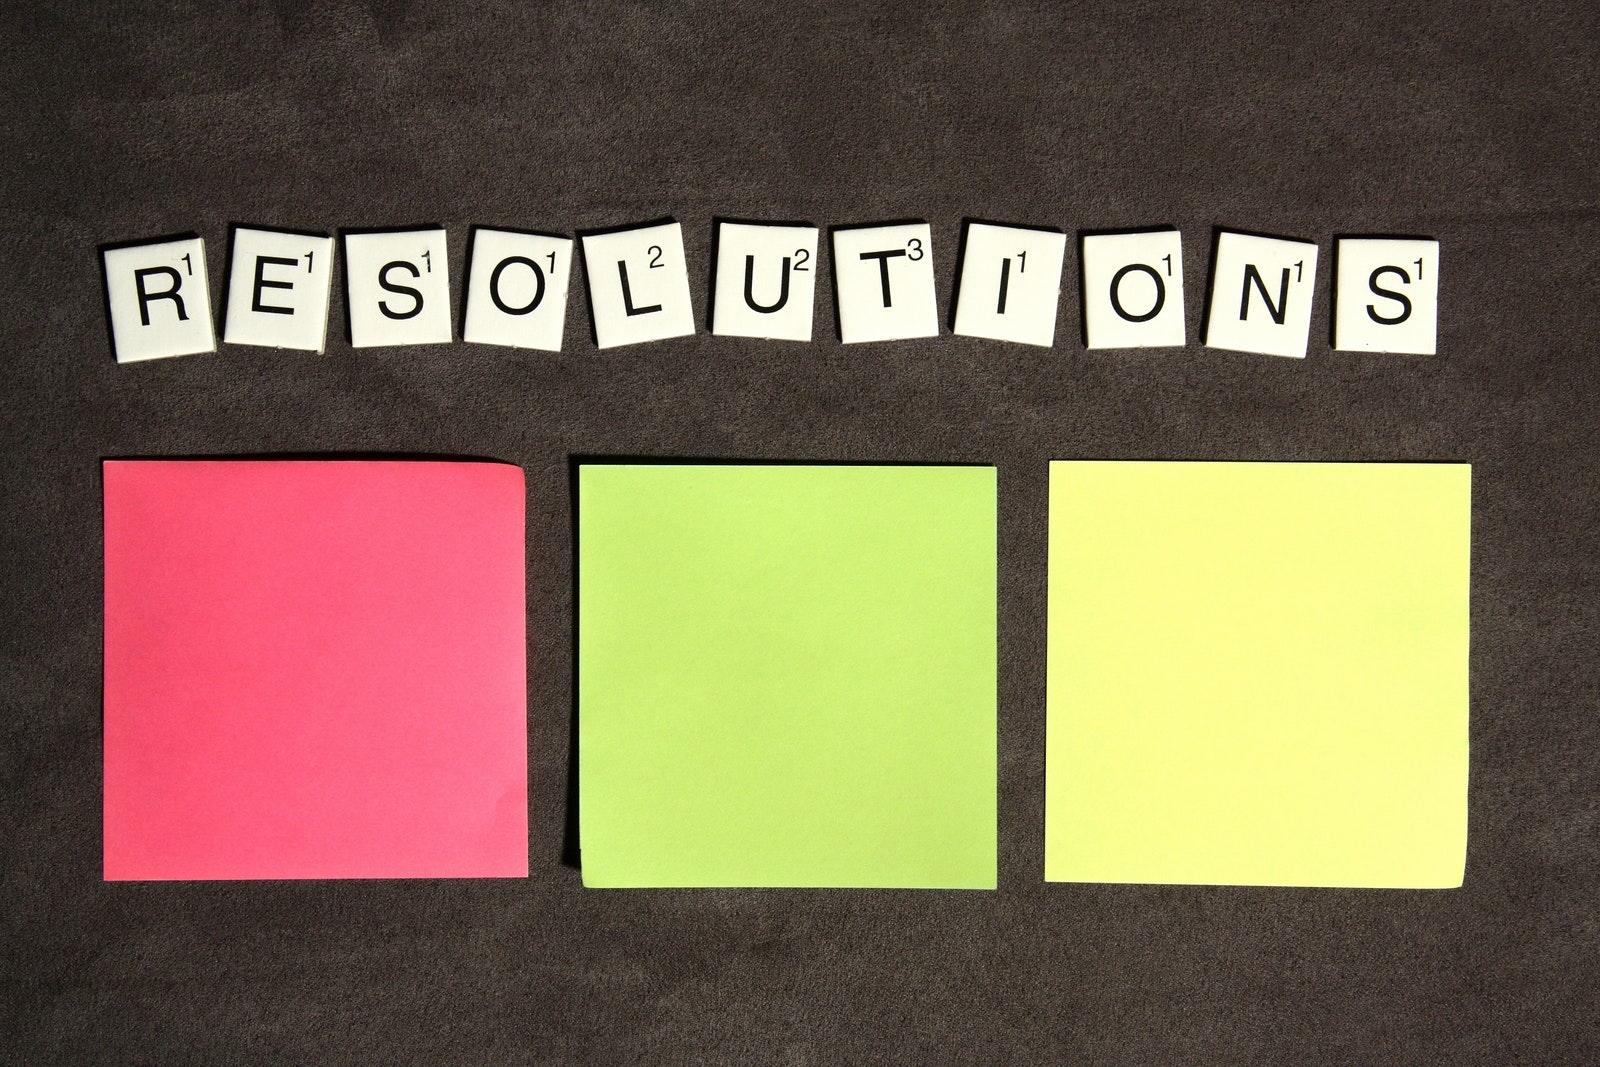 resolutions-scrabble-3297.jpg